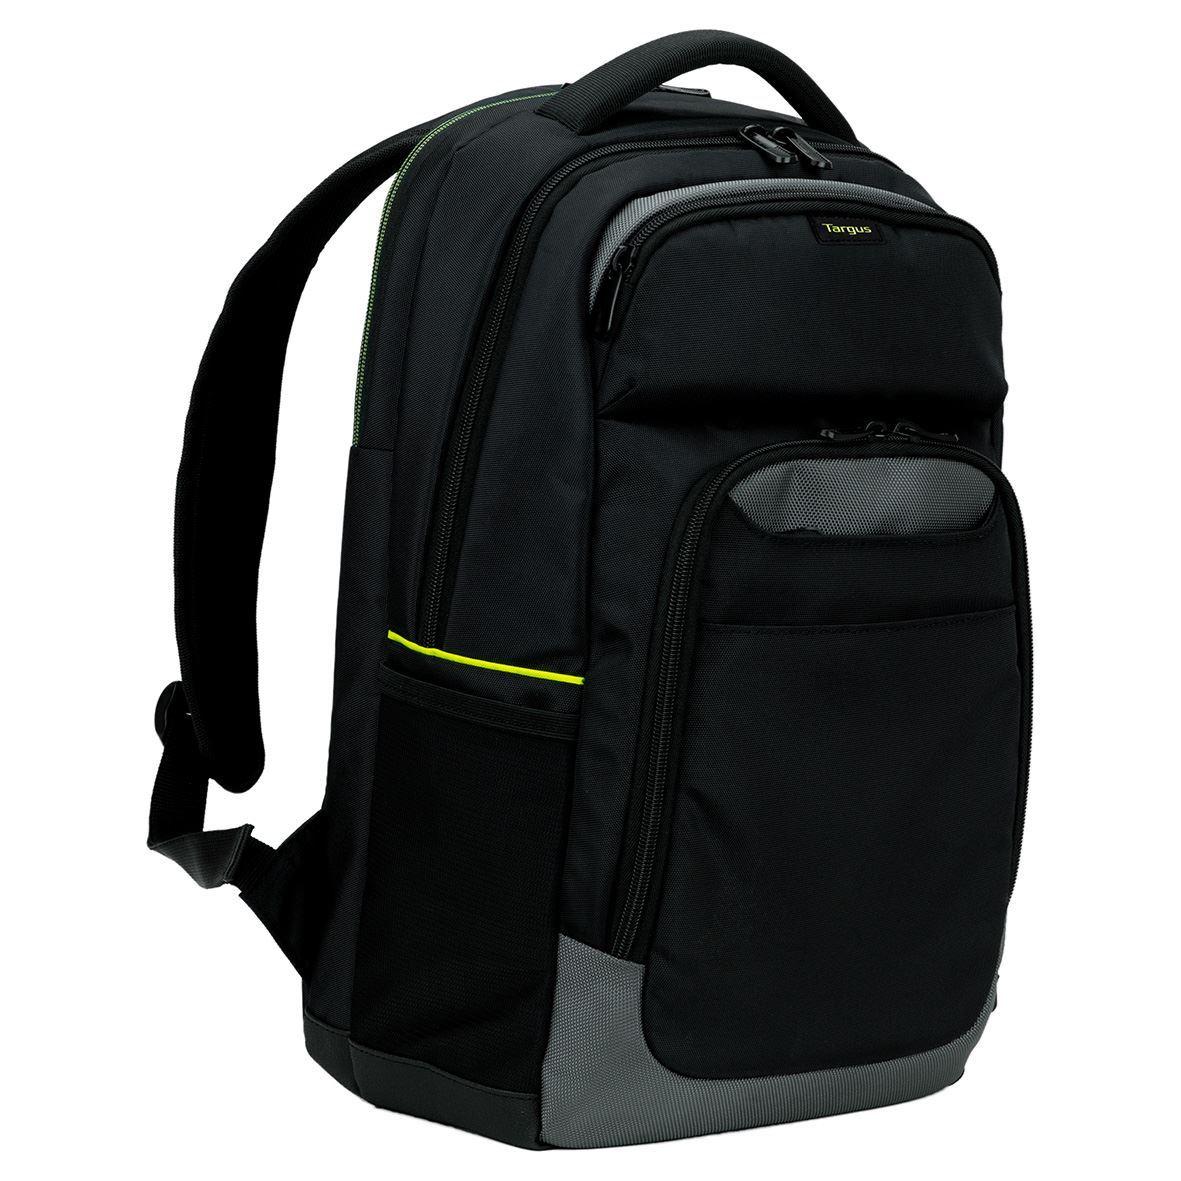 Sac à dos ordinateur Targus City Gear 17.3 pouces Noir 0gc54V